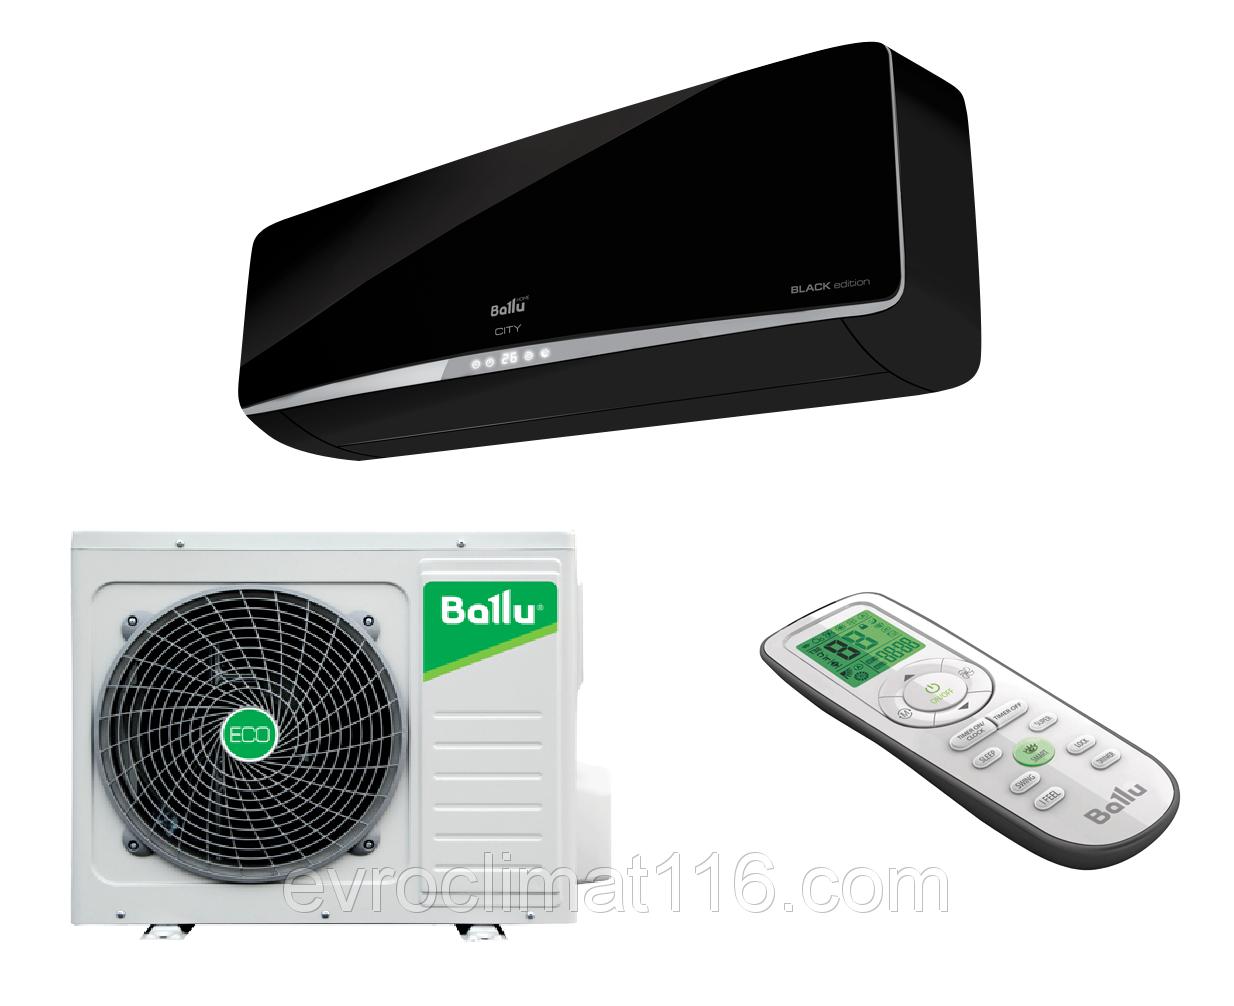 Сплит система Ballu BSE 18HN1 серии City Black Edition